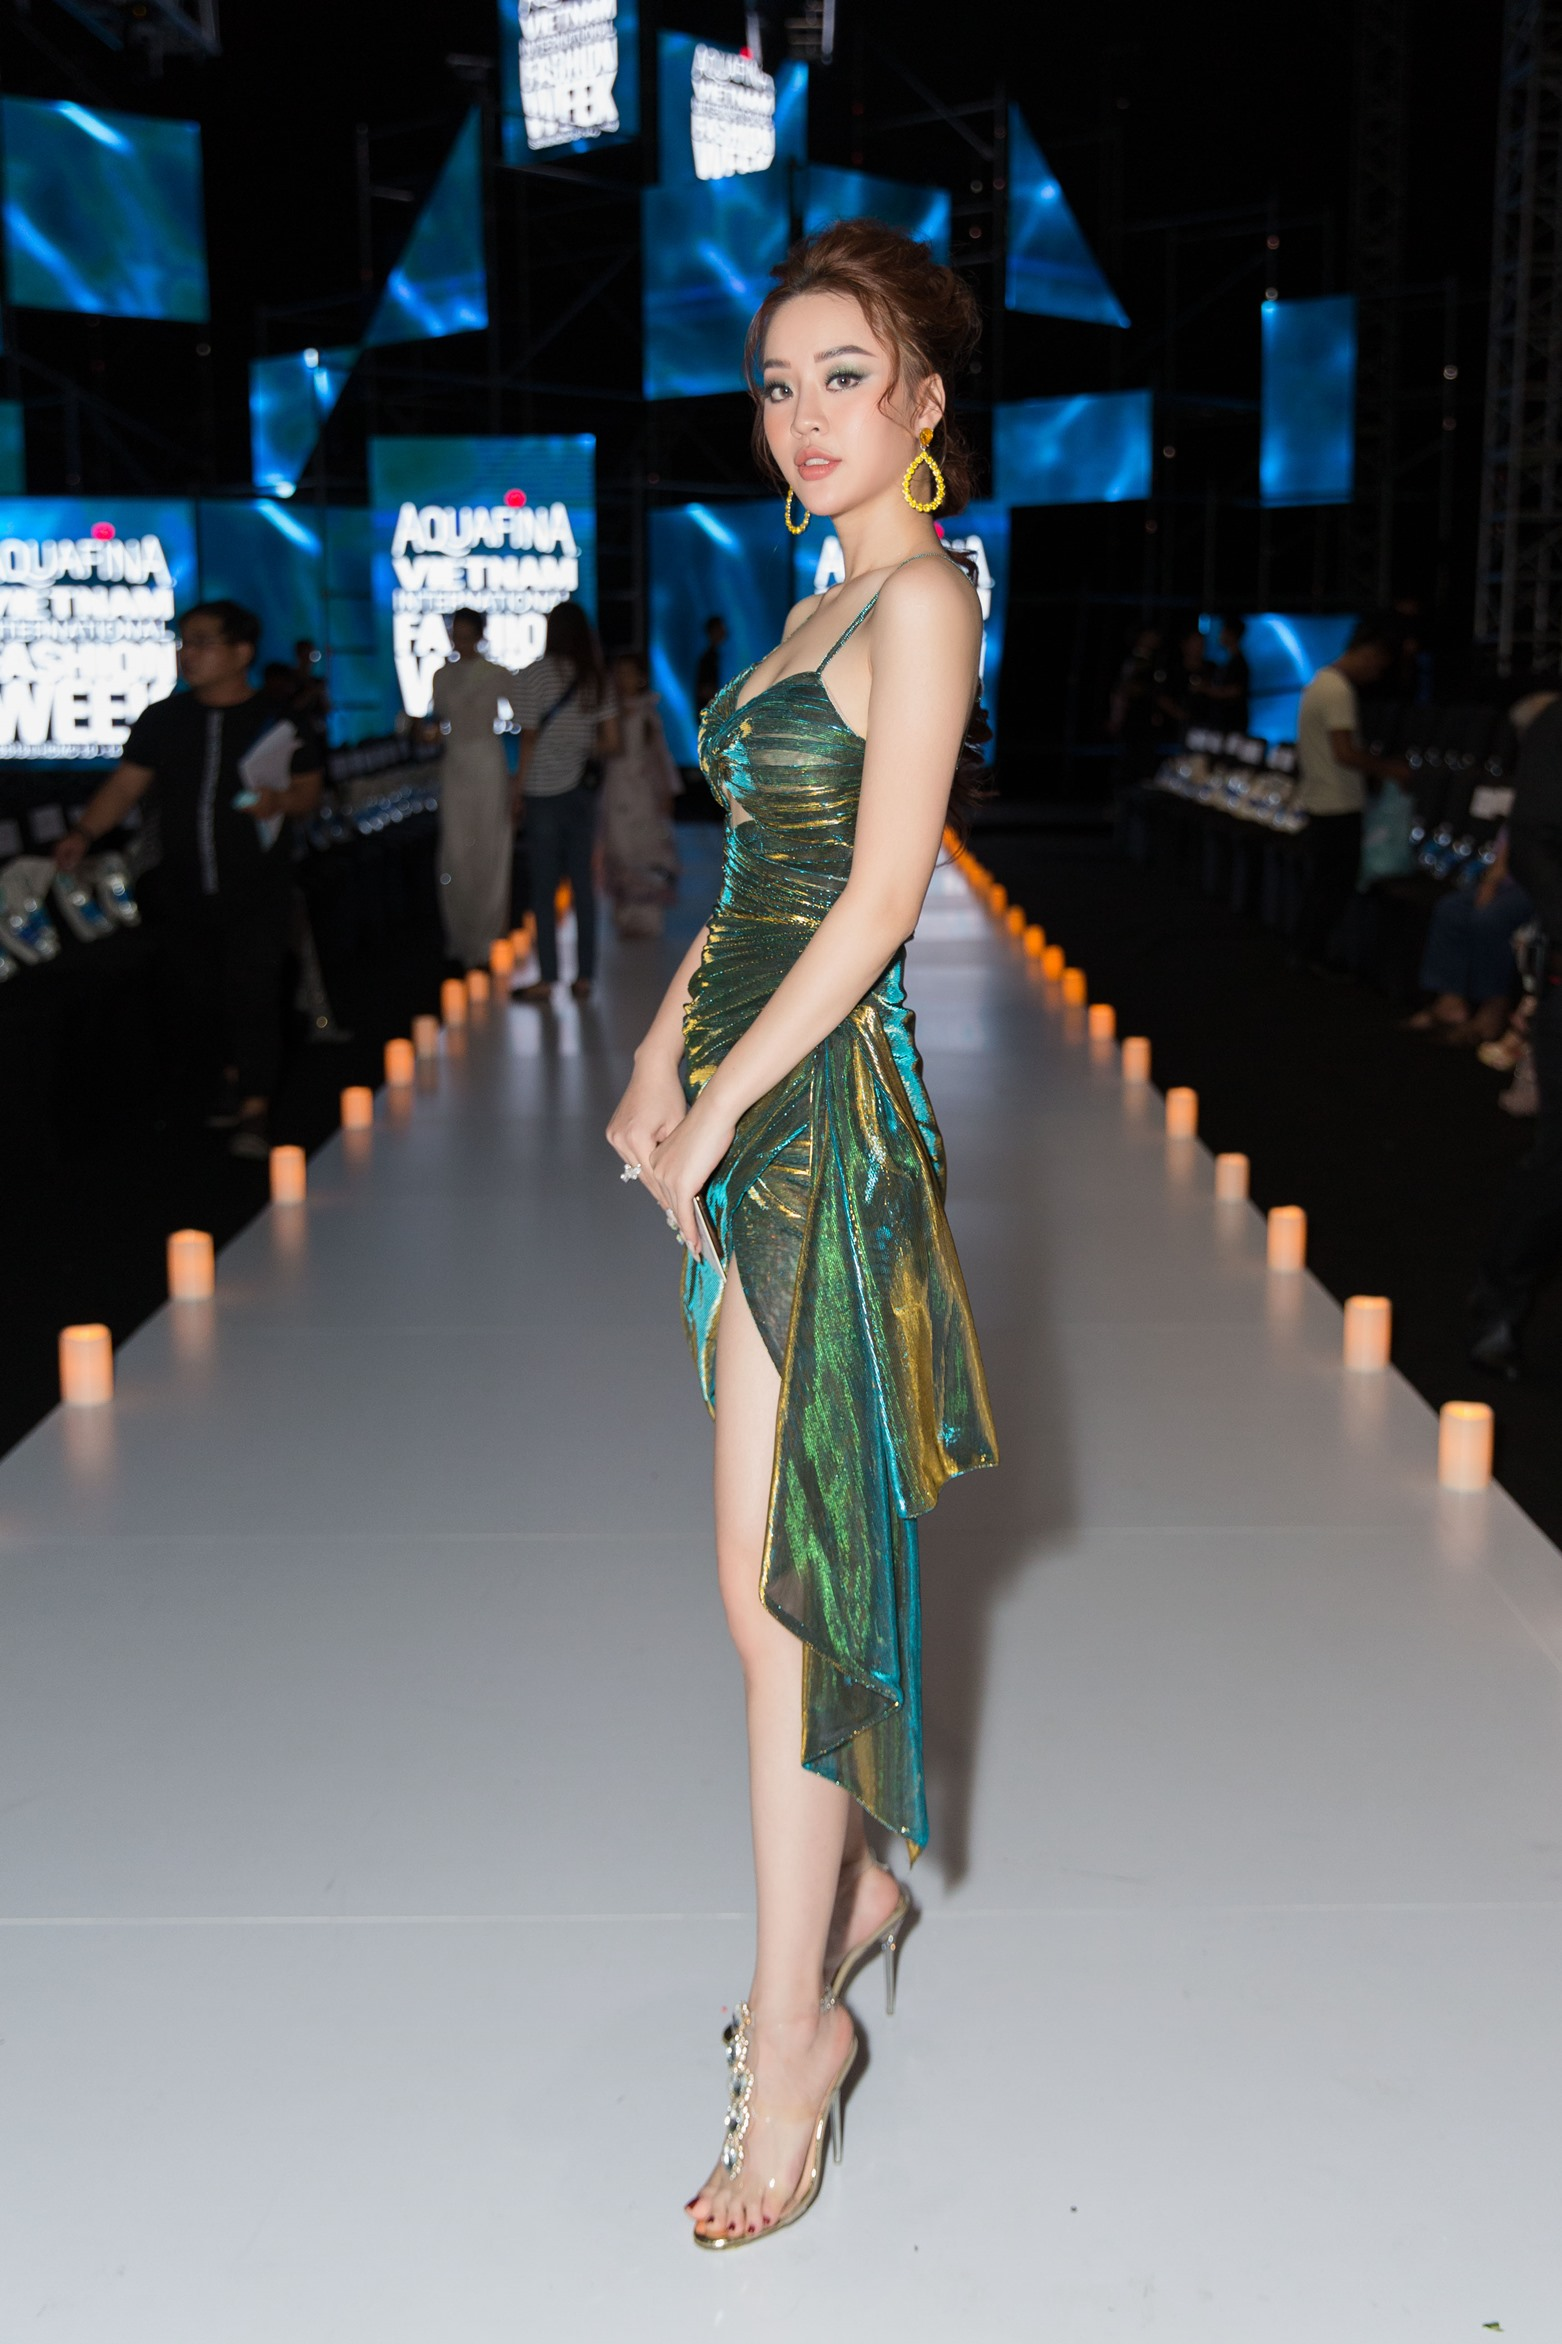 Hoàng Hải Thu diện váy cắt trên, xẻ dưới nổi bần bật dự thảm đỏ thời trang - Hình 11